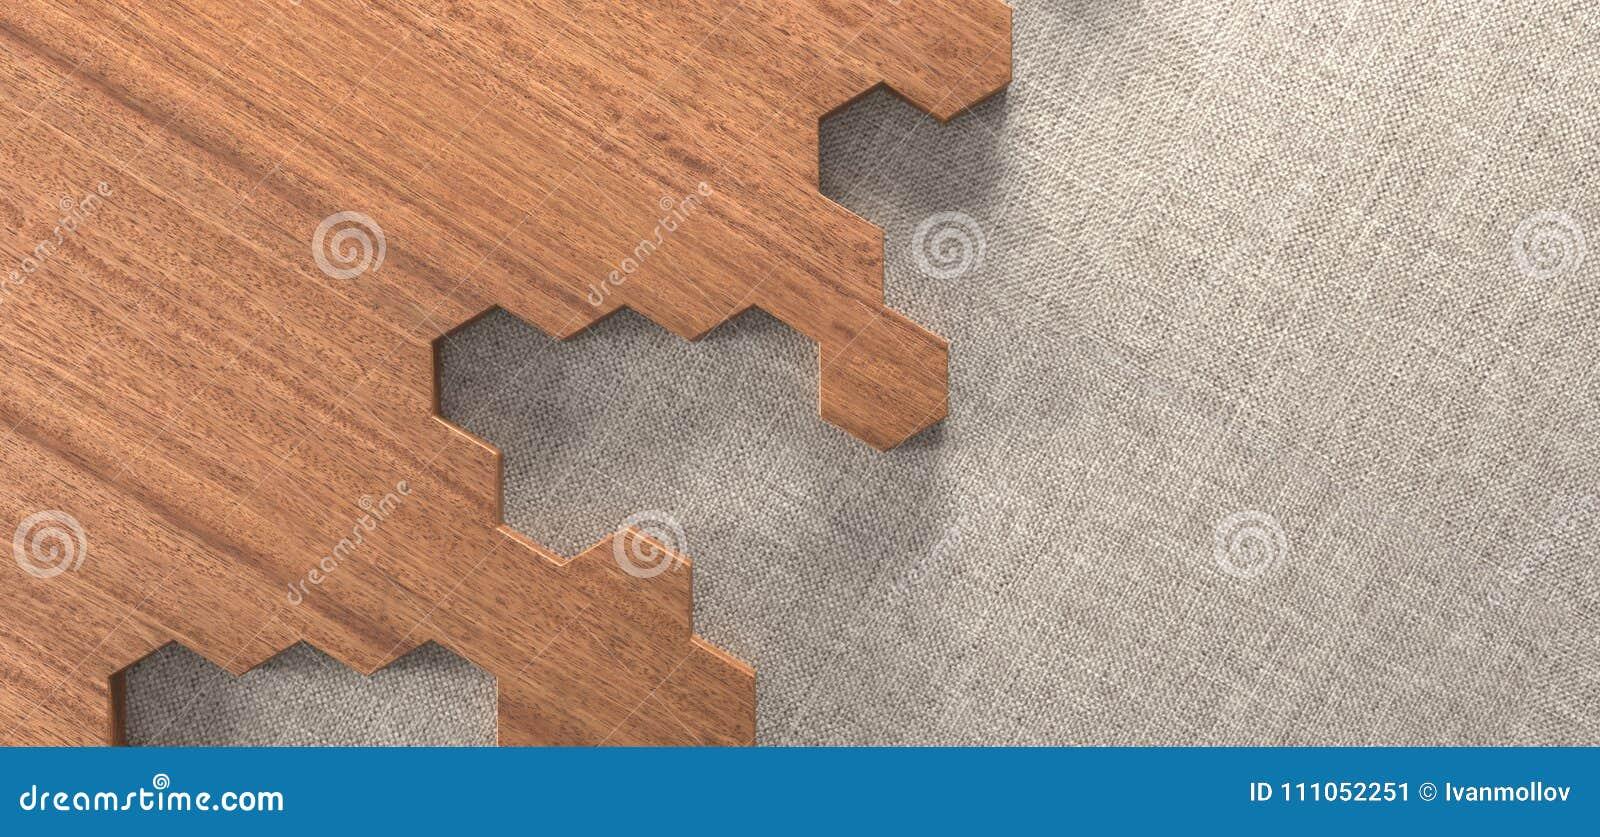 Pezzi di legno esagonali realistici del pavimento di parquet di